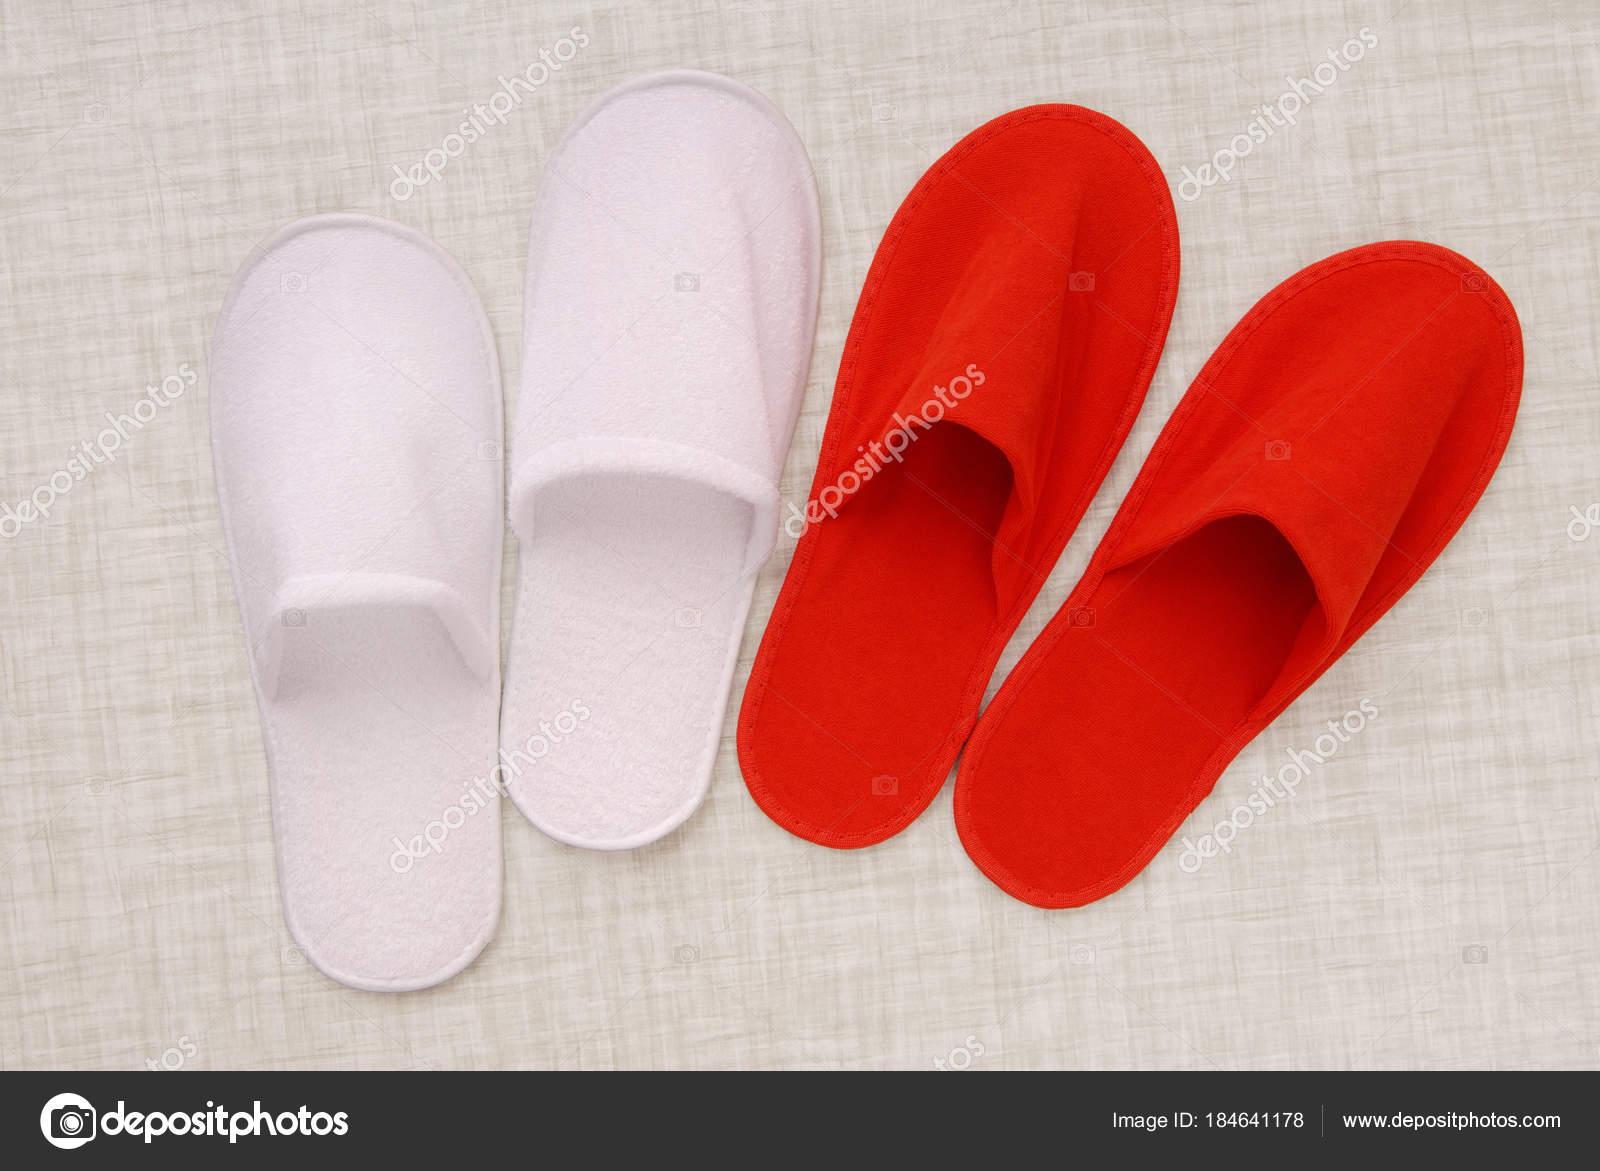 Scoprire sconto in vendita stili di grande varietà Pantofole rosse e bianche da pantofole hotel, rosso e bianco ...